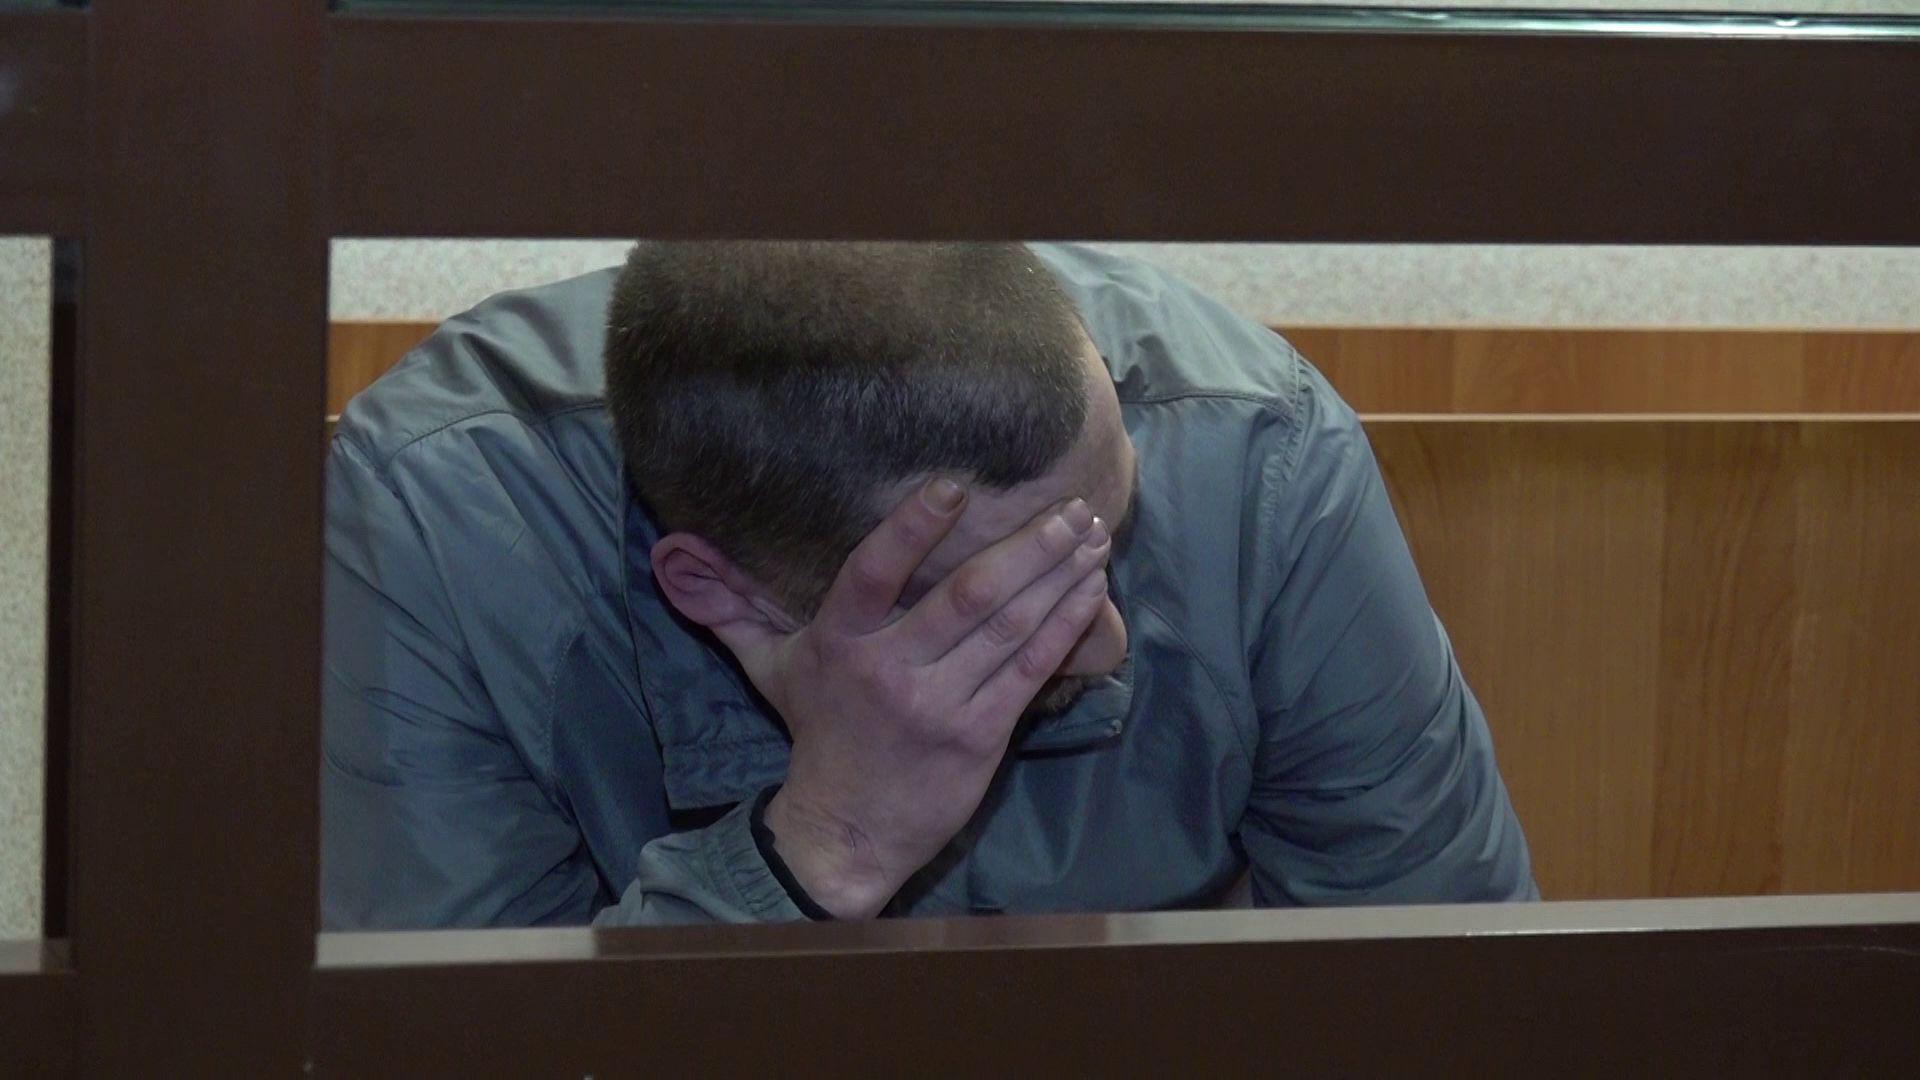 В Ярославле начали рассматривать дело обвиняемого в жестоком убийстве пенсионерки